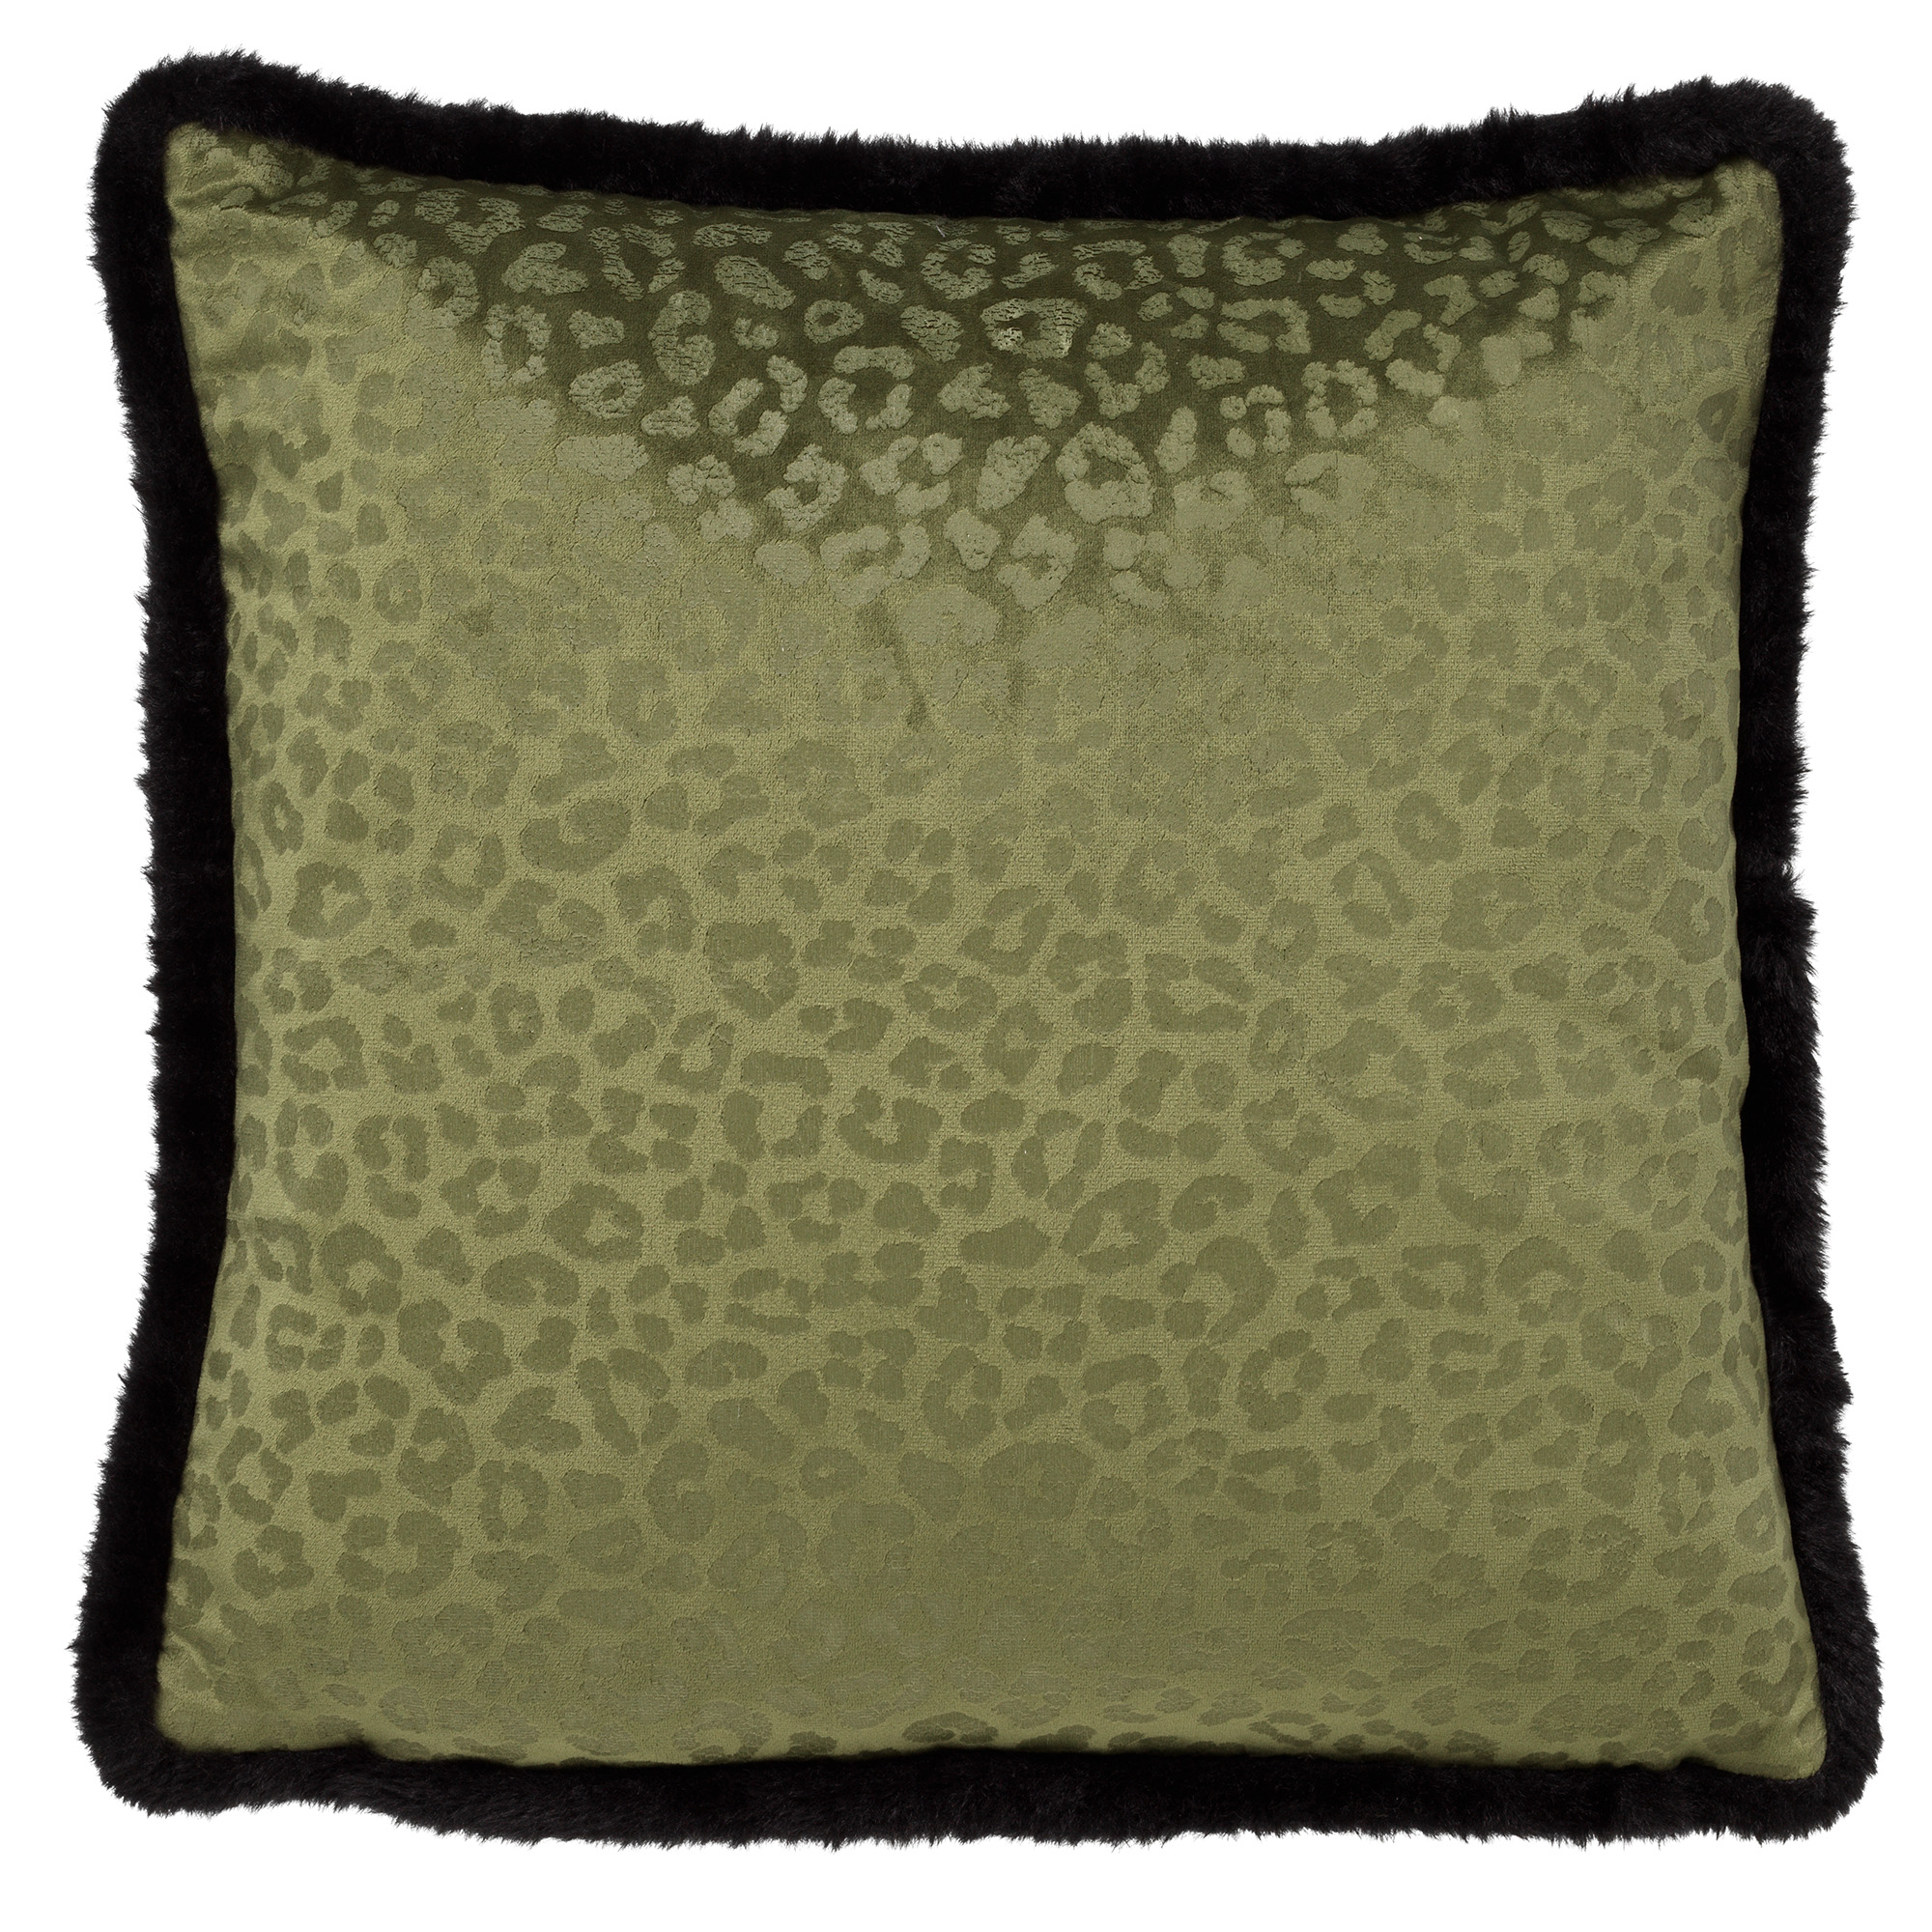 CHEETA - Sierkussen met dierenprint 45x45 cm Chive